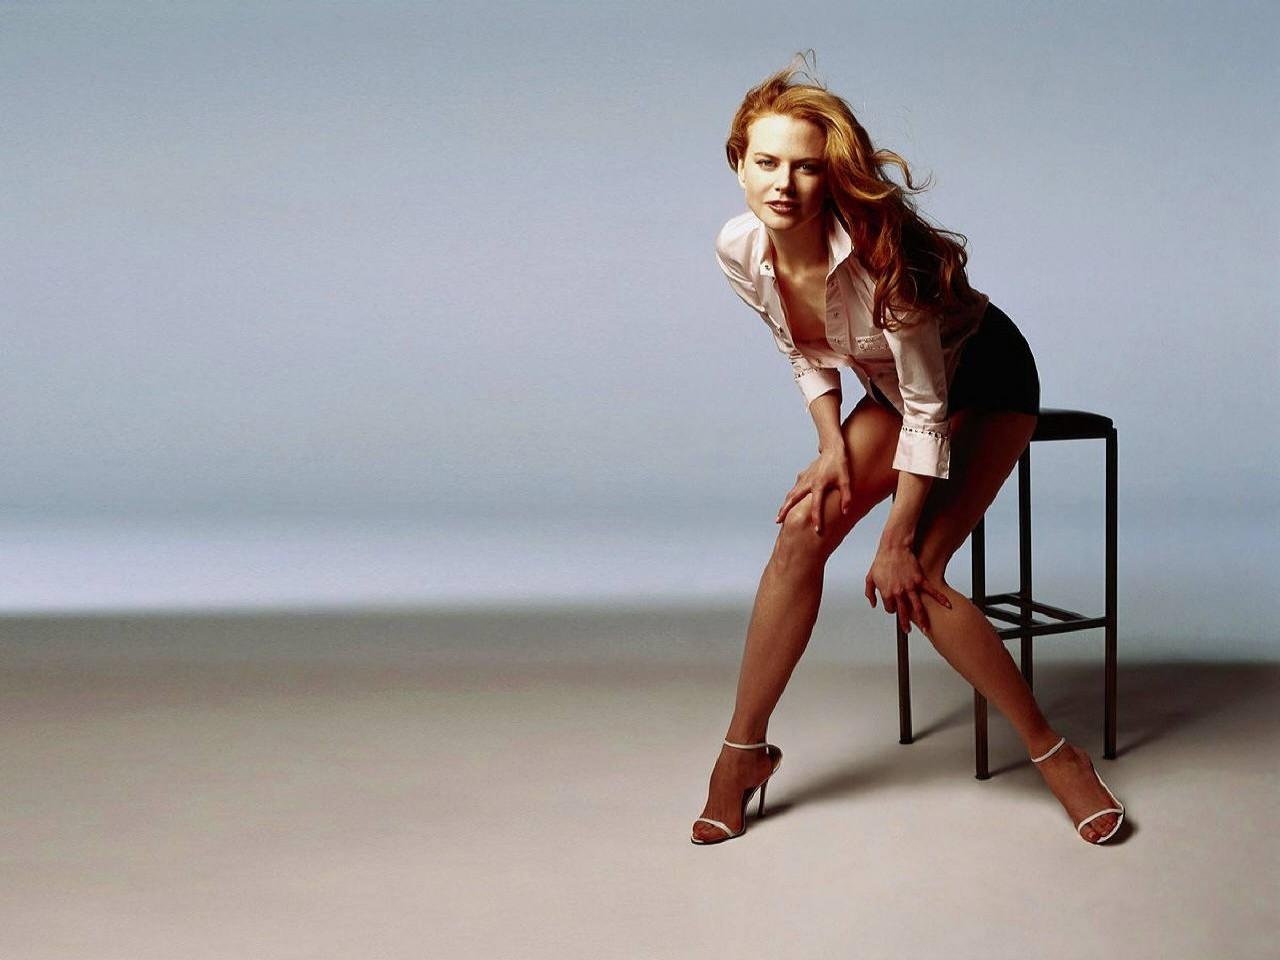 Wallpaper di Nicole Kidman su uno sgabello